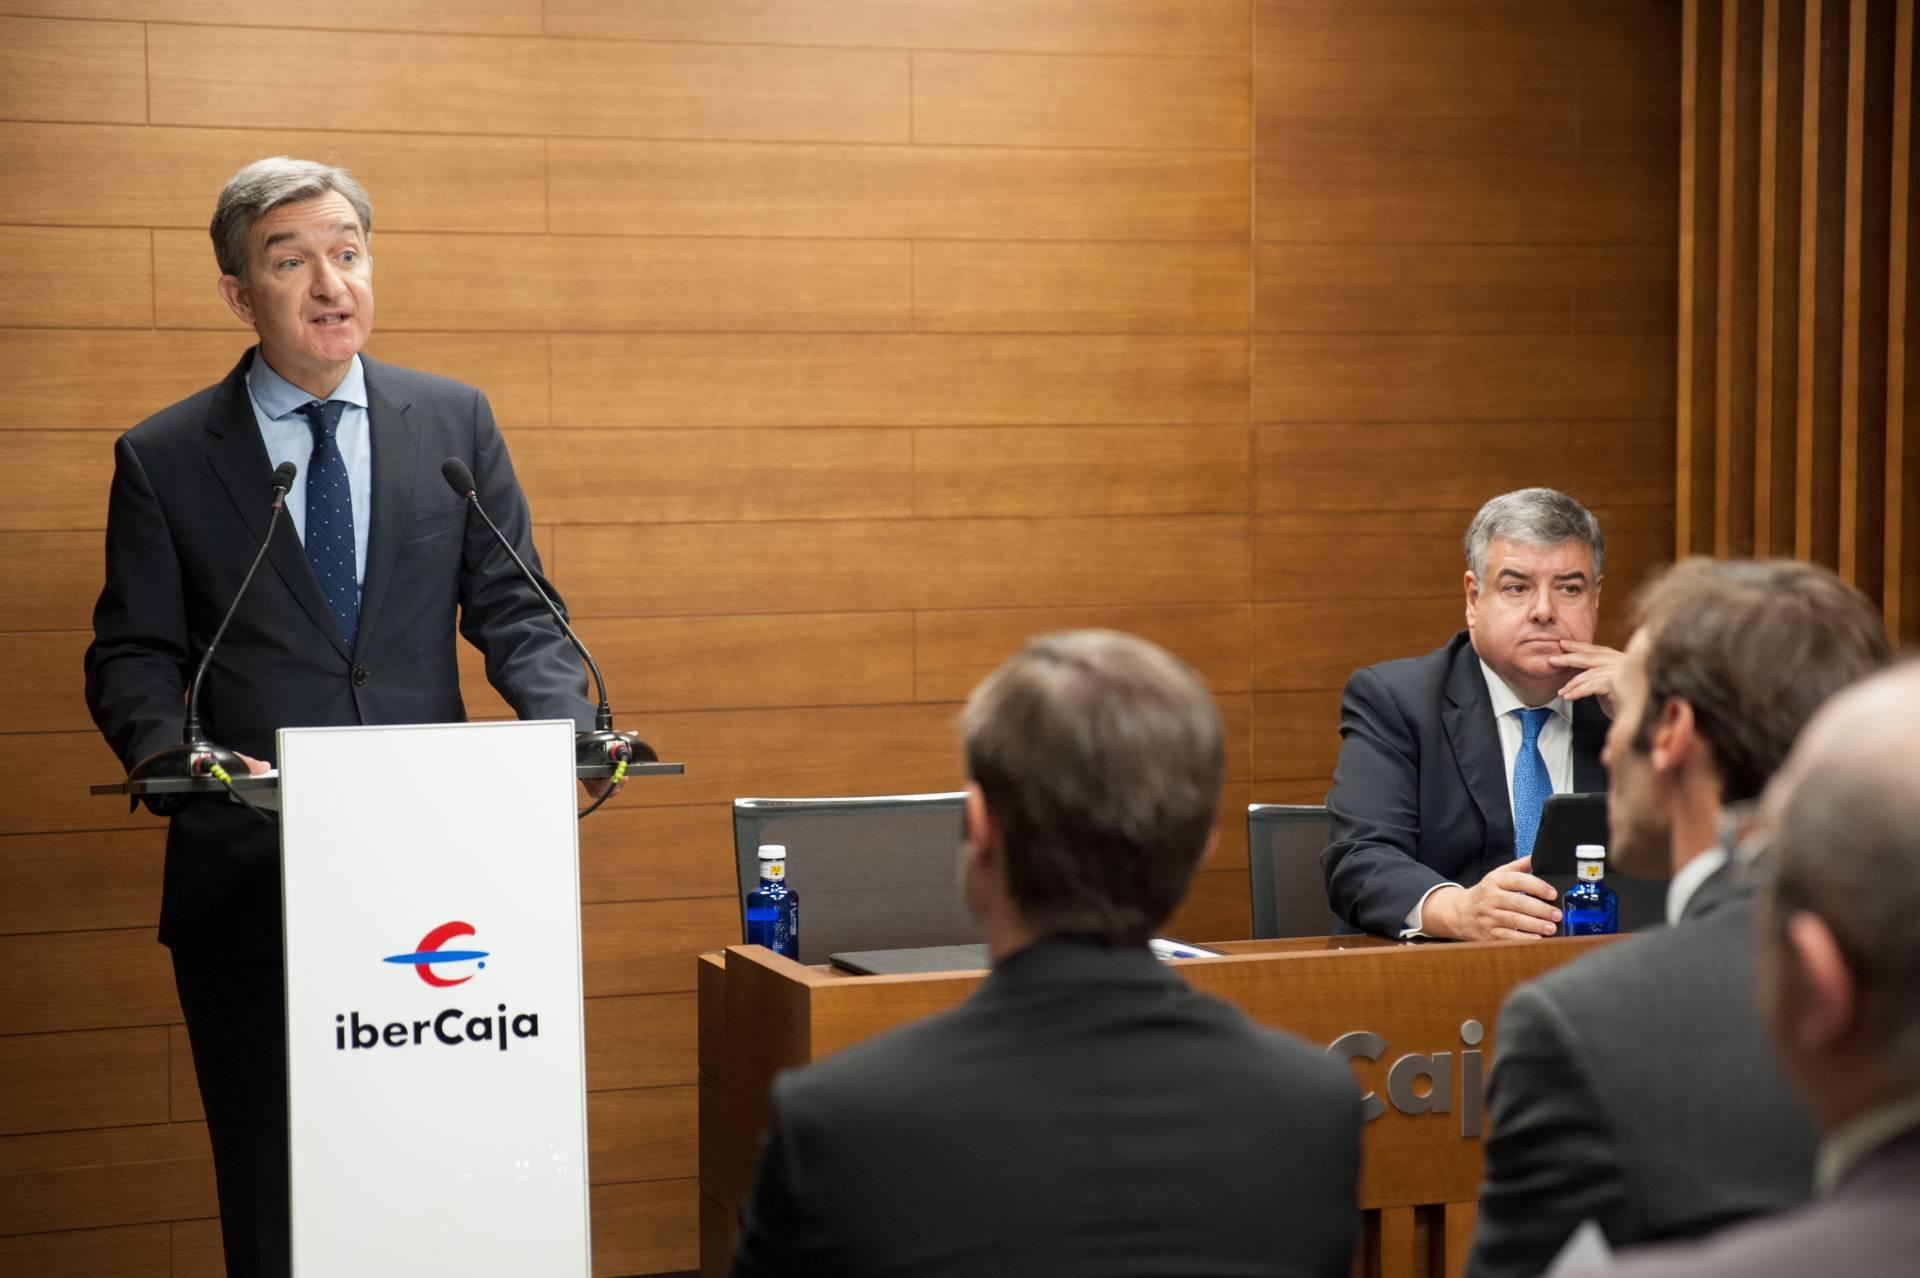 El Consejero delegado de Ibercaja, Víctor Iglesias, durante su intervención en el acto.